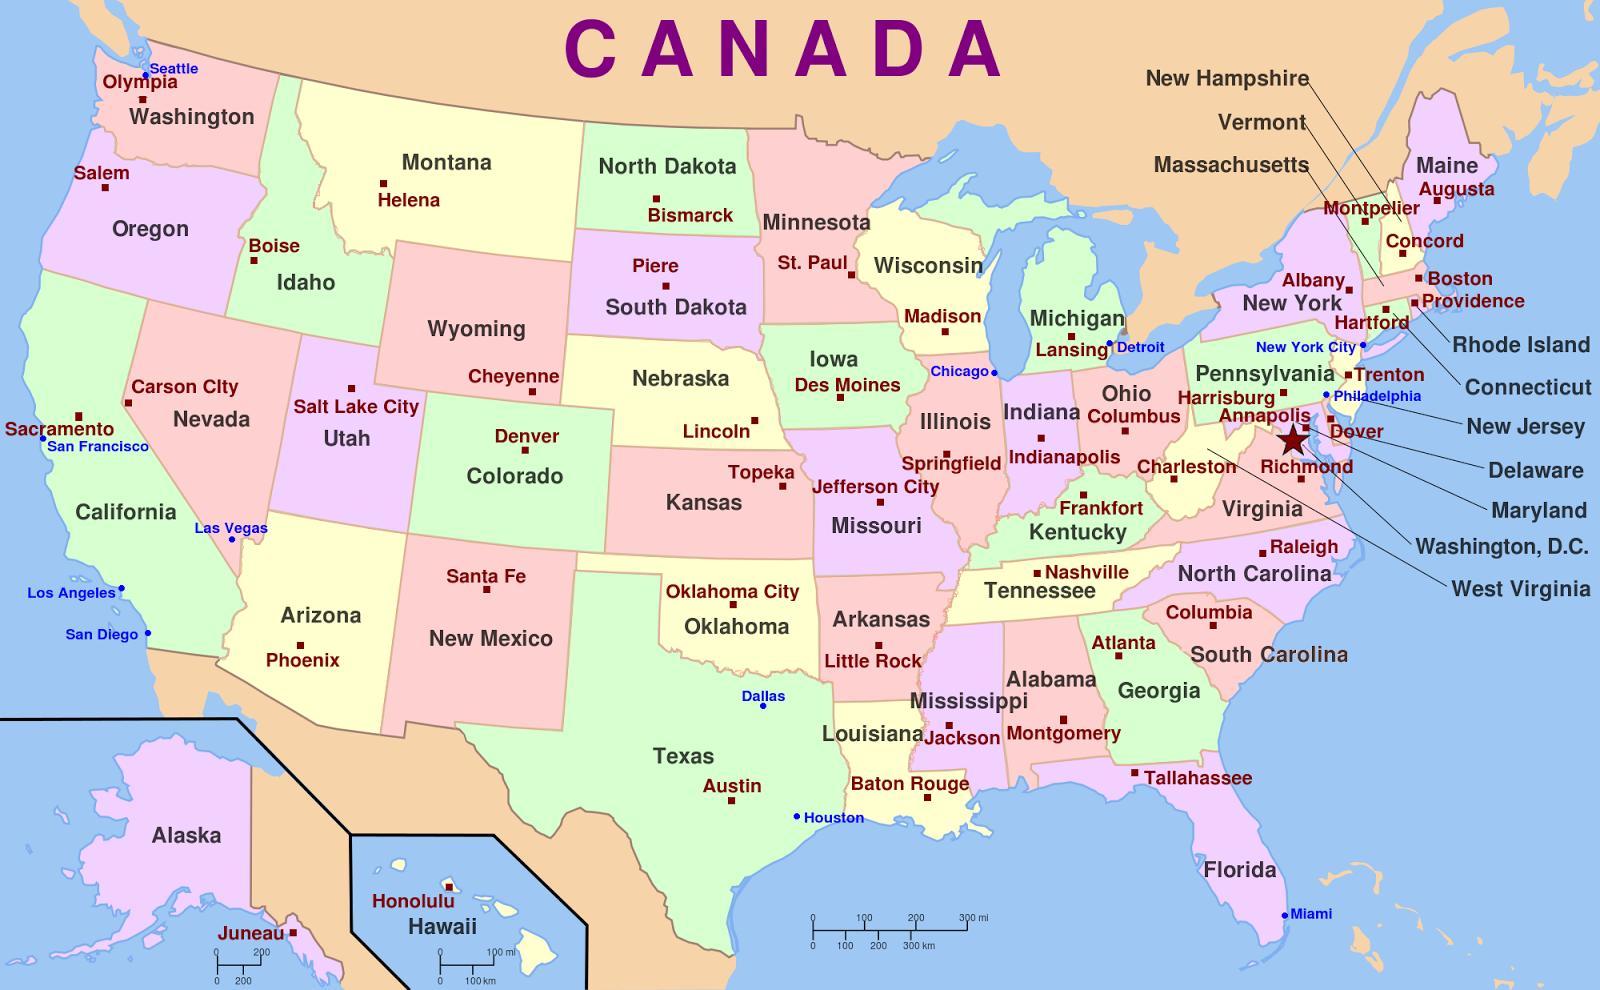 Usa Staaten Karte Mit Hauptstädten.Usa Karte Staaten Und Hauptstädte Usa Karte Mit Hauptstädten Und